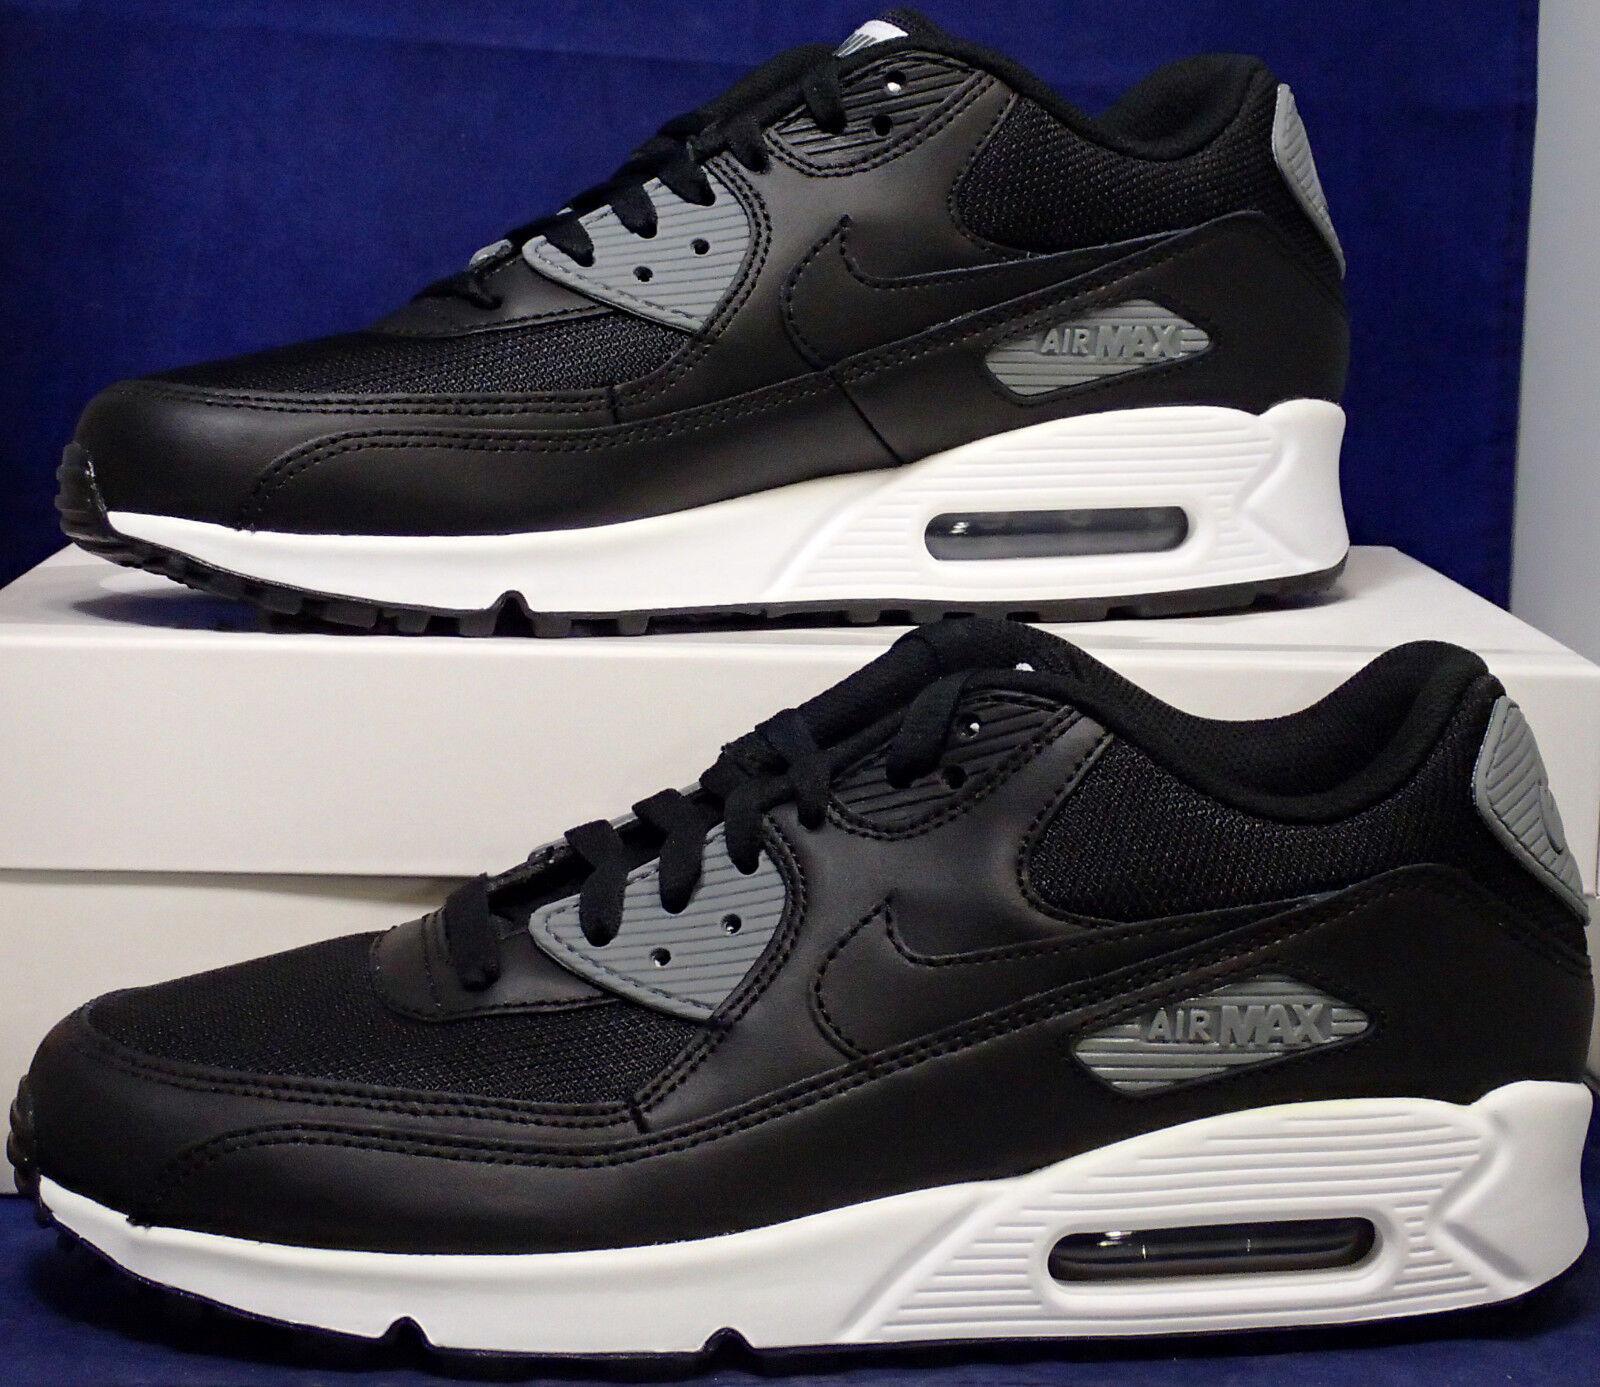 Nike air max 90 id bianco nero grigio sz 9 (653533-982)